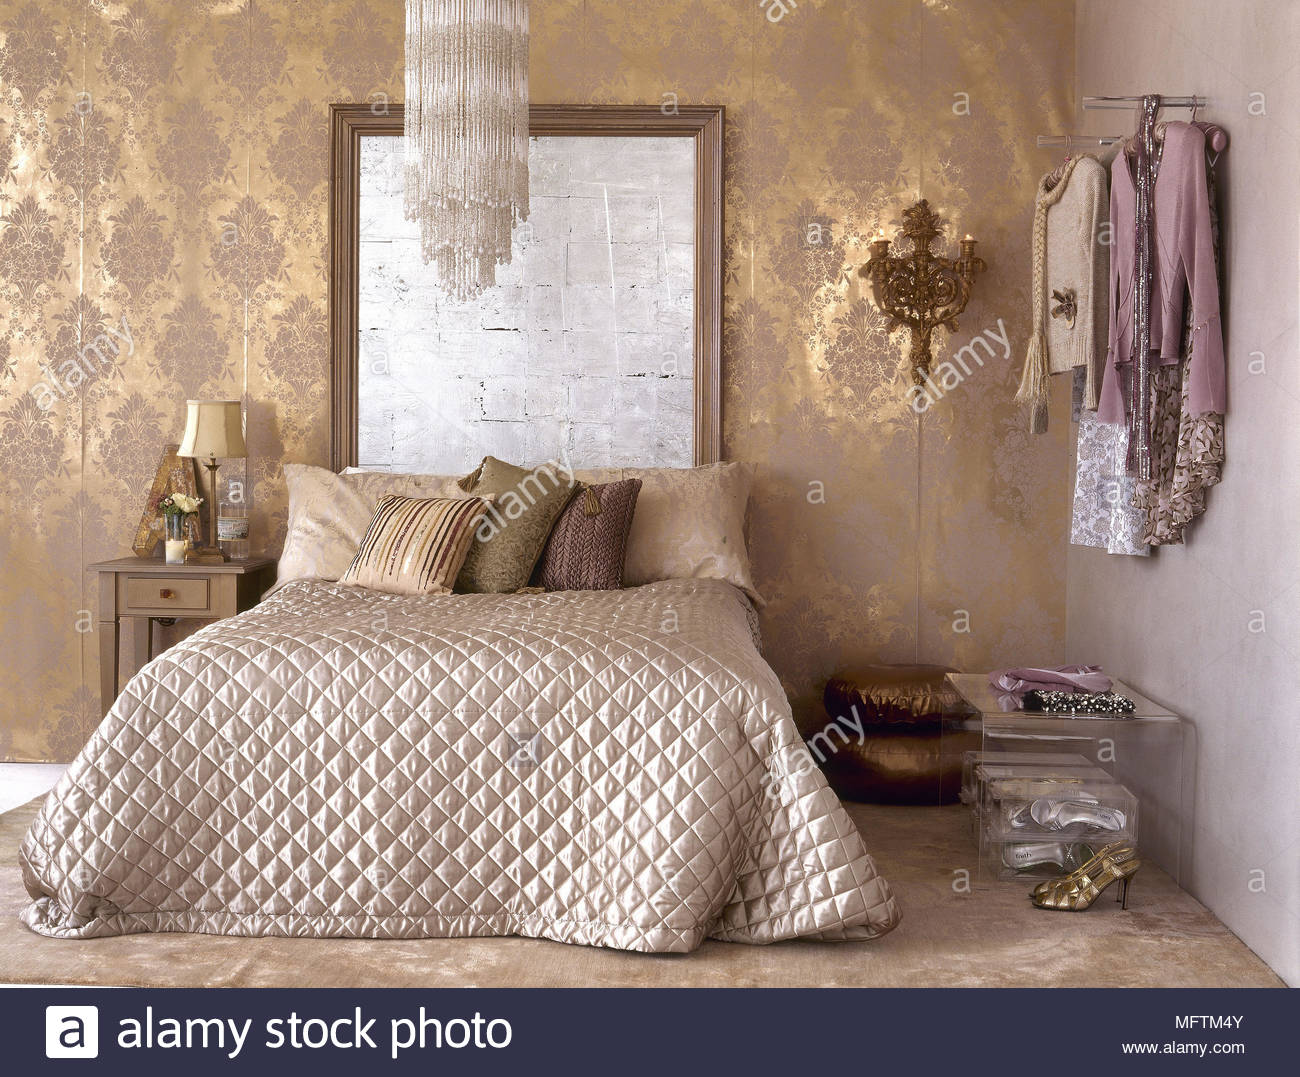 Letti Matrimoniali Trapuntati.Una Tradizionale Camera D Oro Con Carta Da Parati Di Pattern Letto